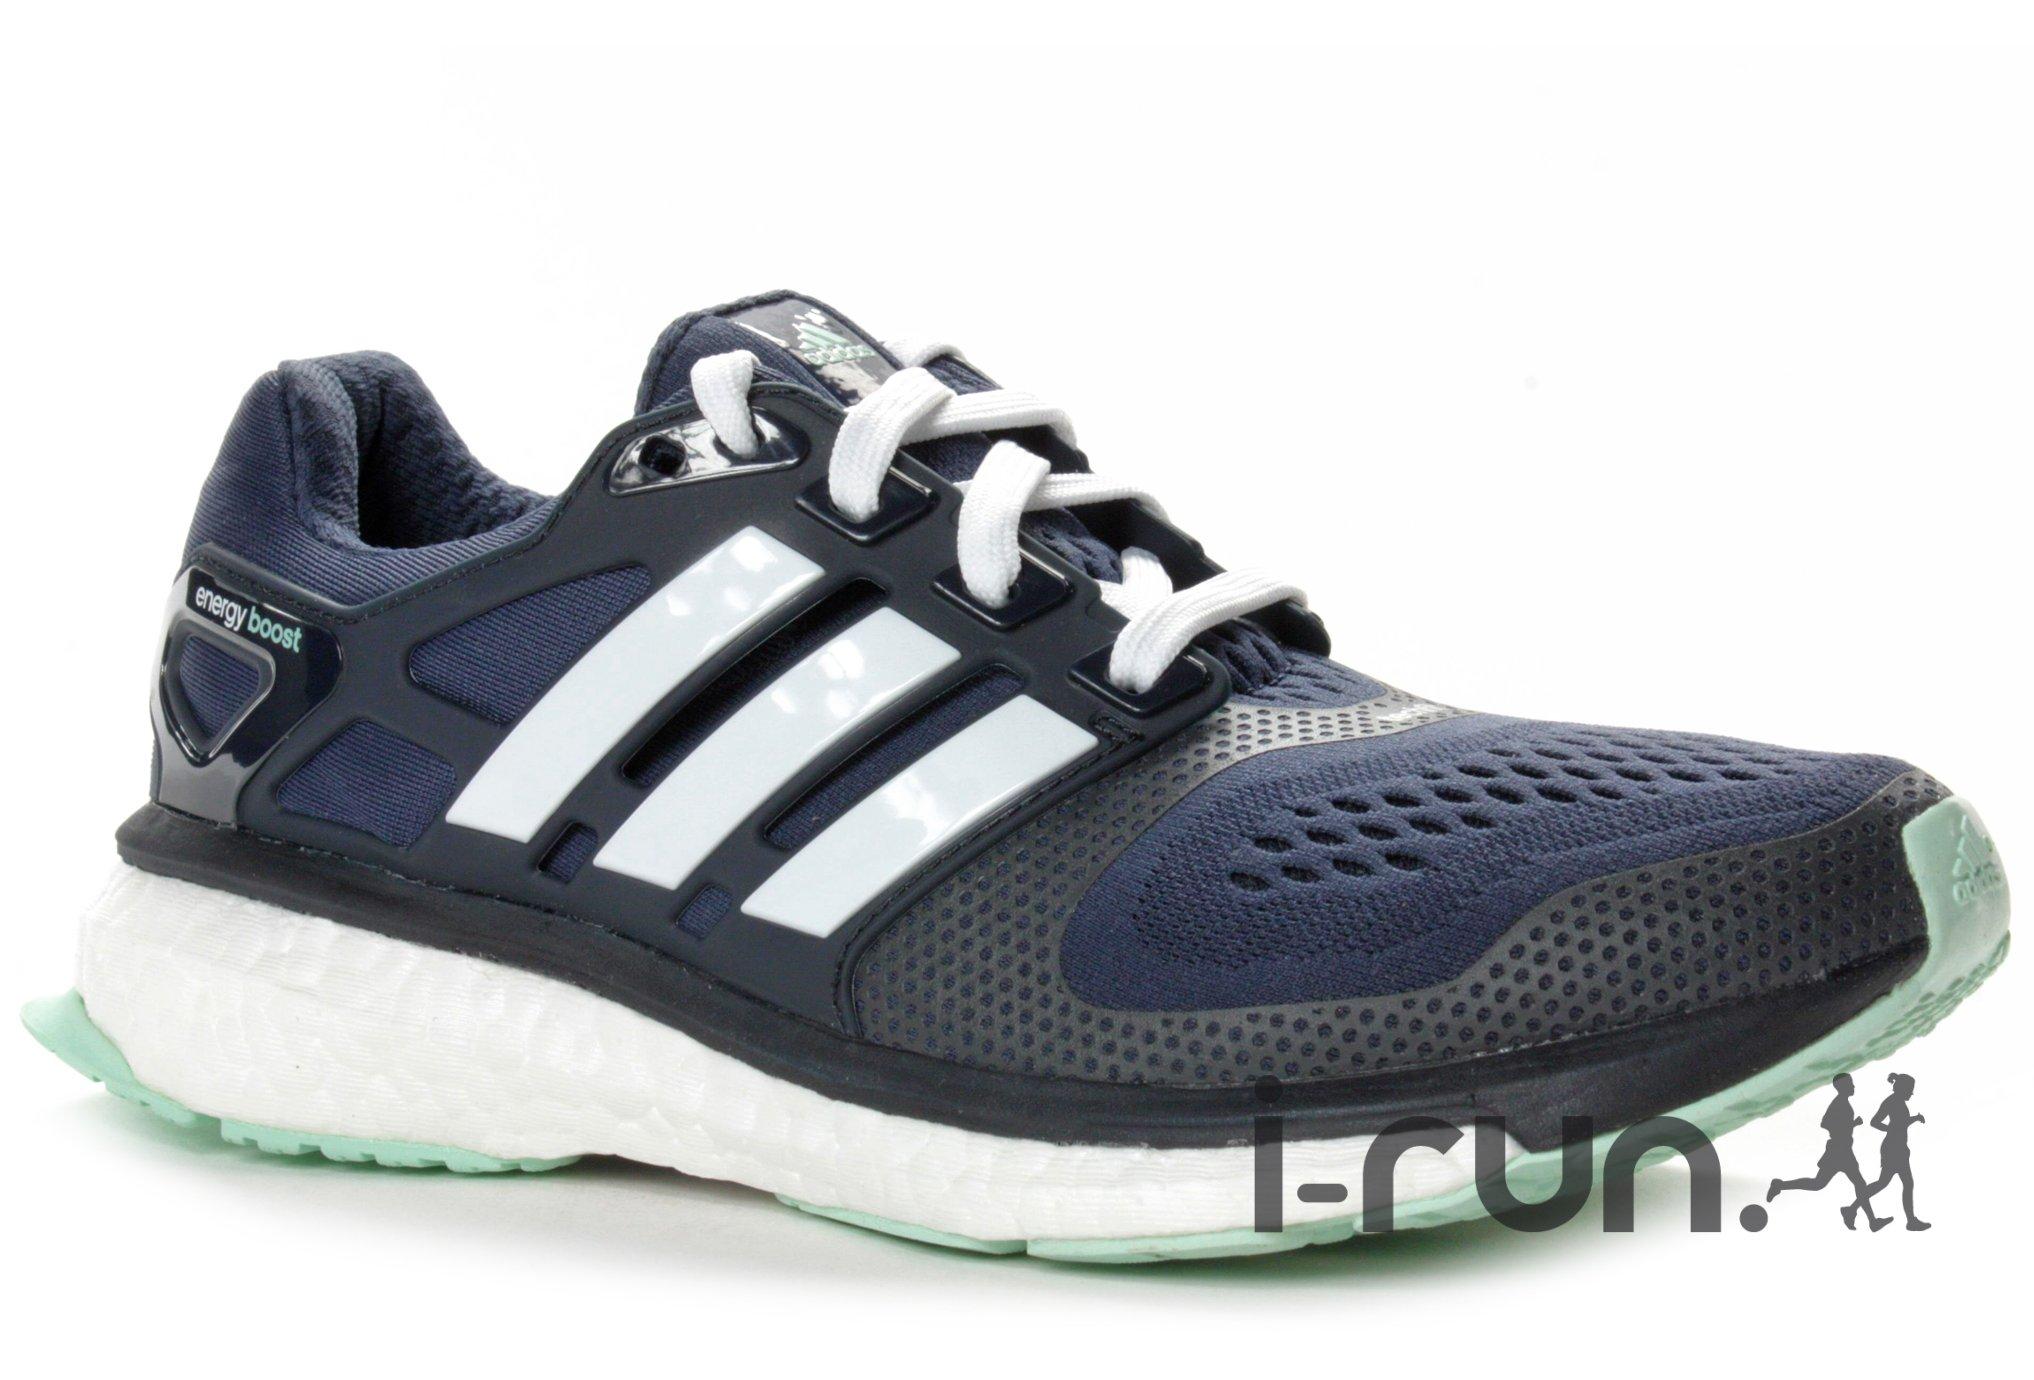 Adidas Energy boost 2 esm w diététique chaussures femme